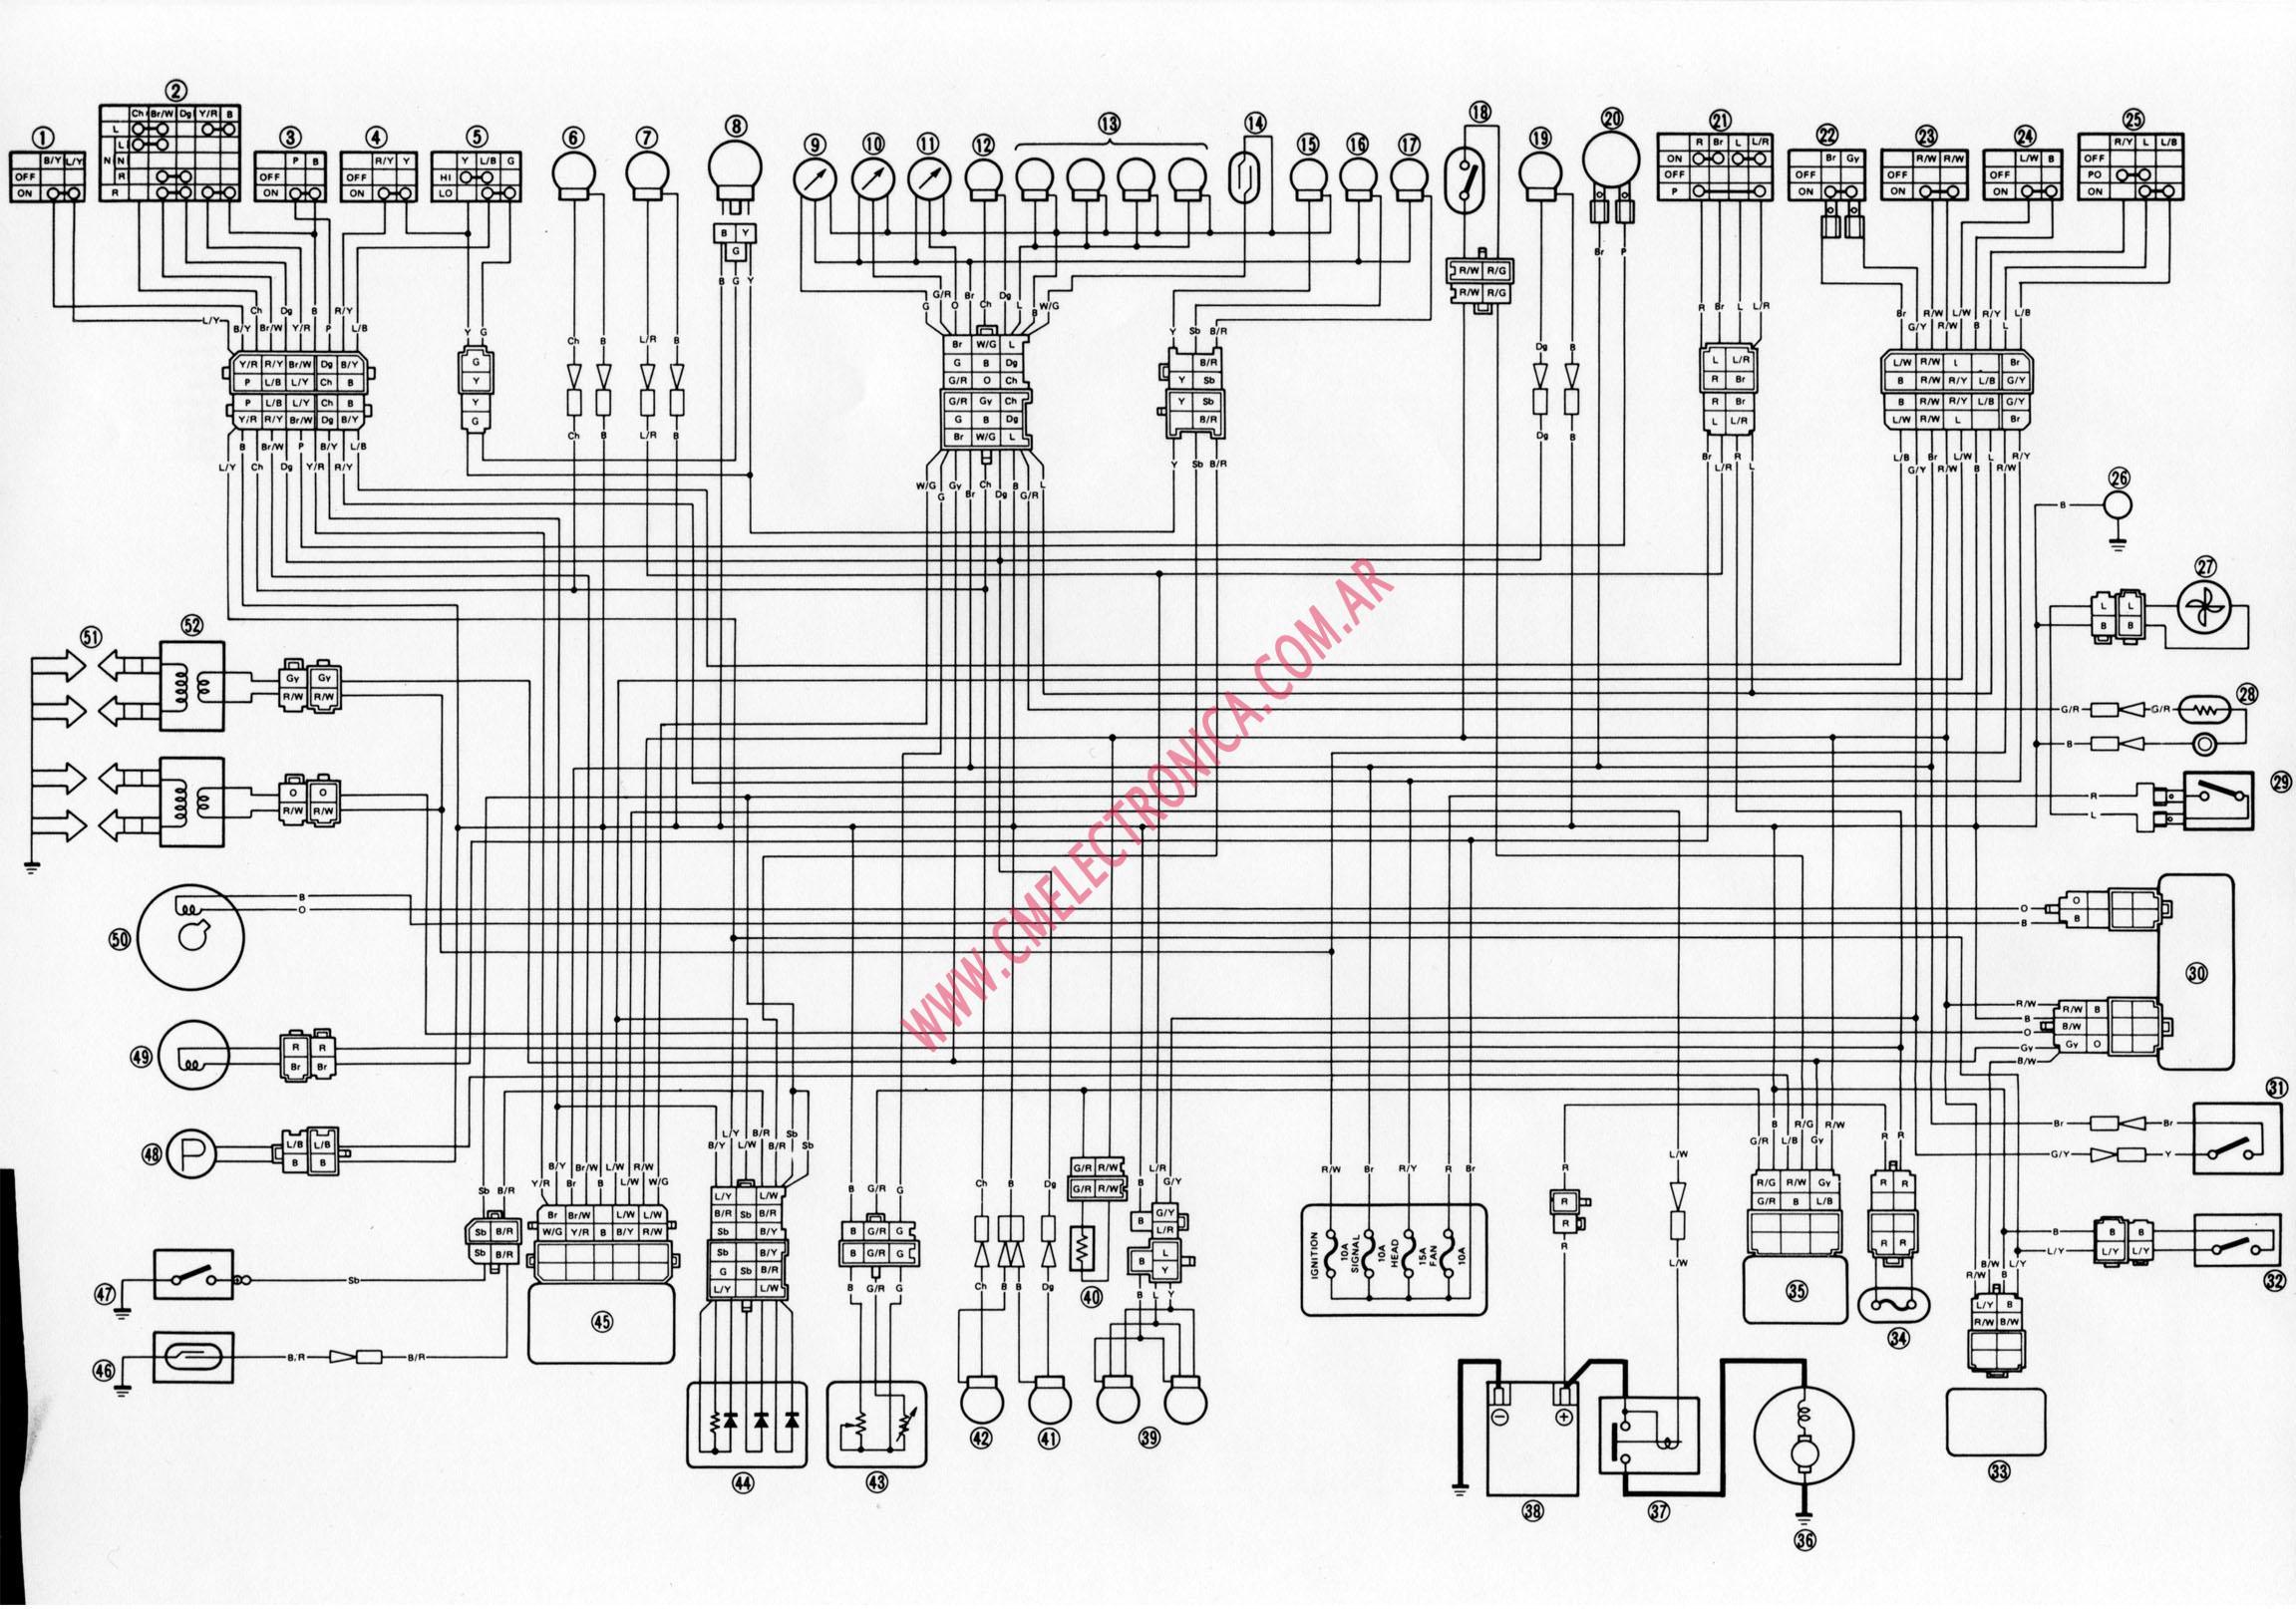 2002 Yamaha R6 Wiring Diagram Likewise Yamaha R6 Likewise Yamaha R6